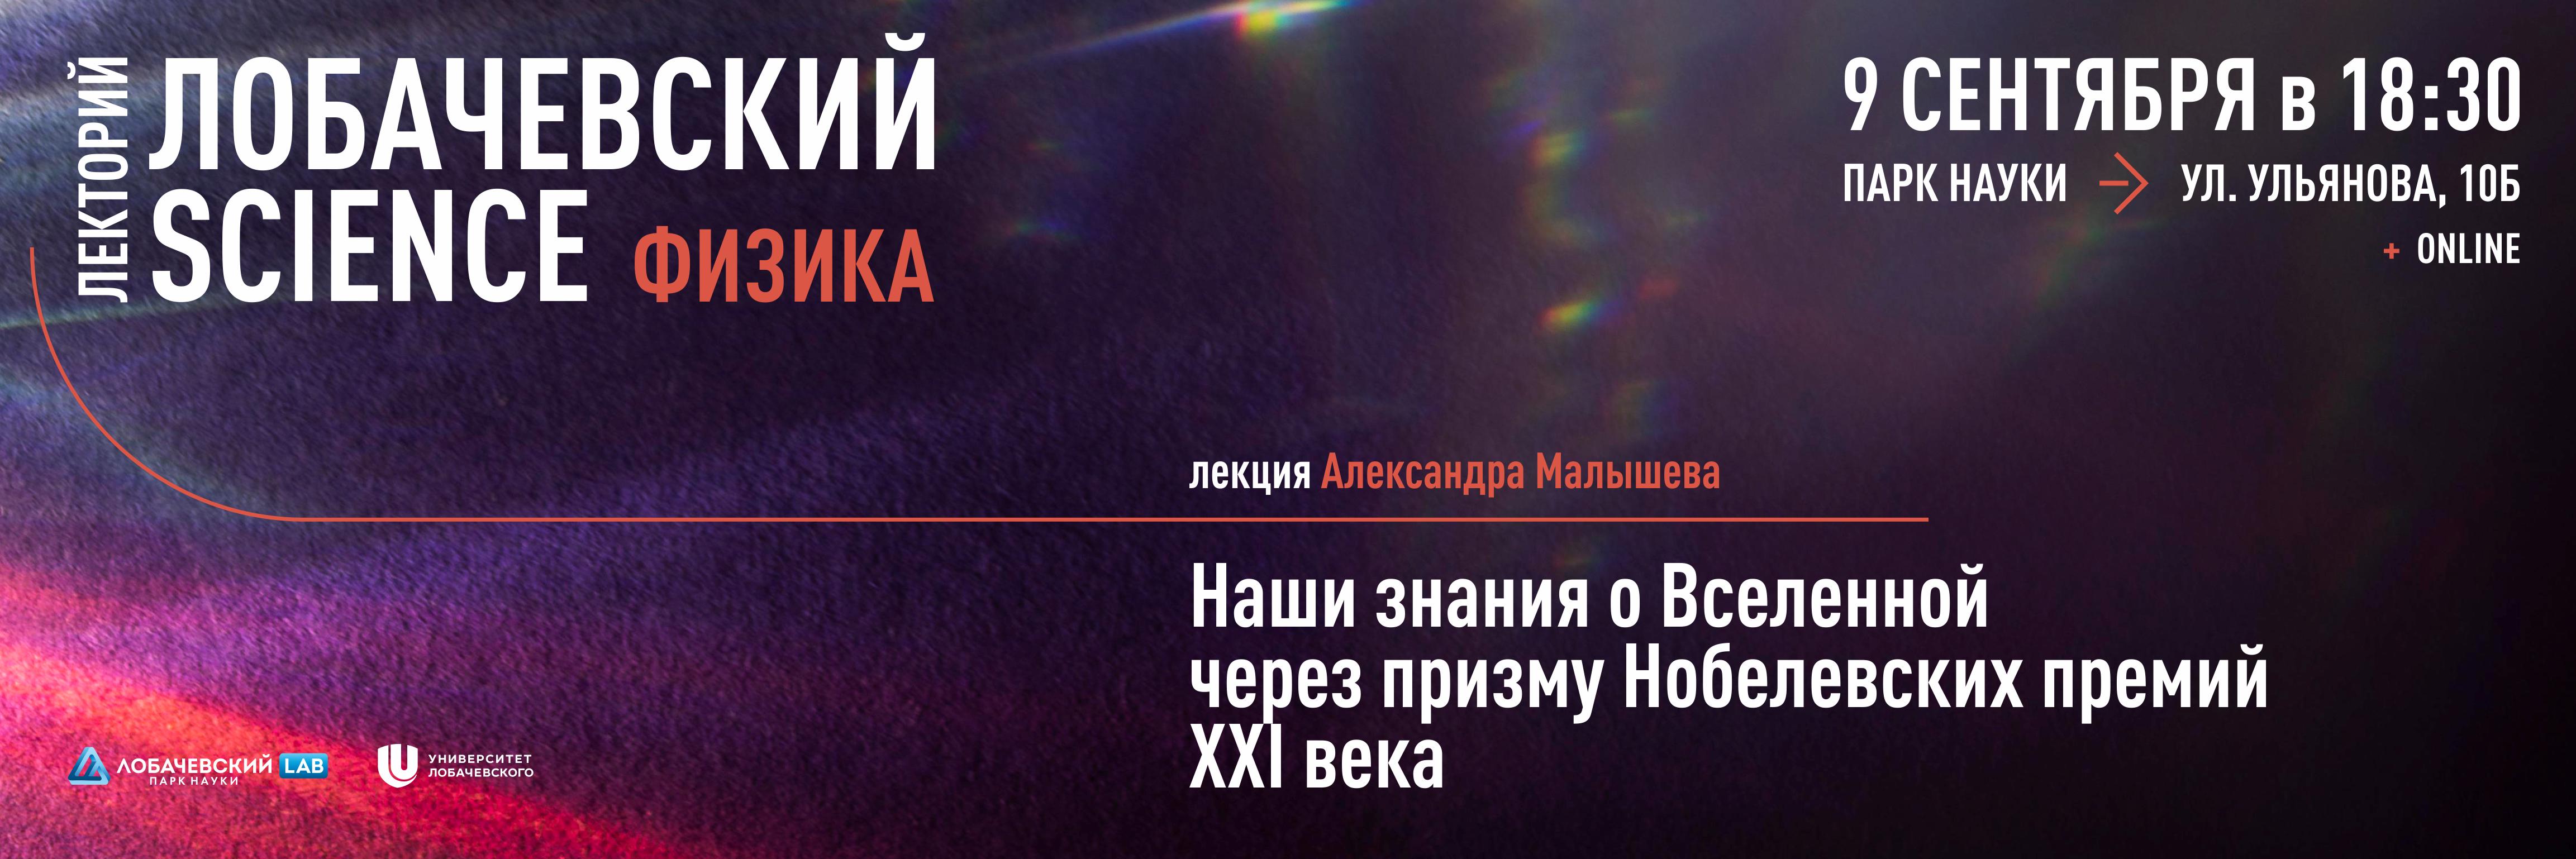 Лекция Александра Малышева «Наши знания о Вселенной через призму Нобелевских премий XXI века»